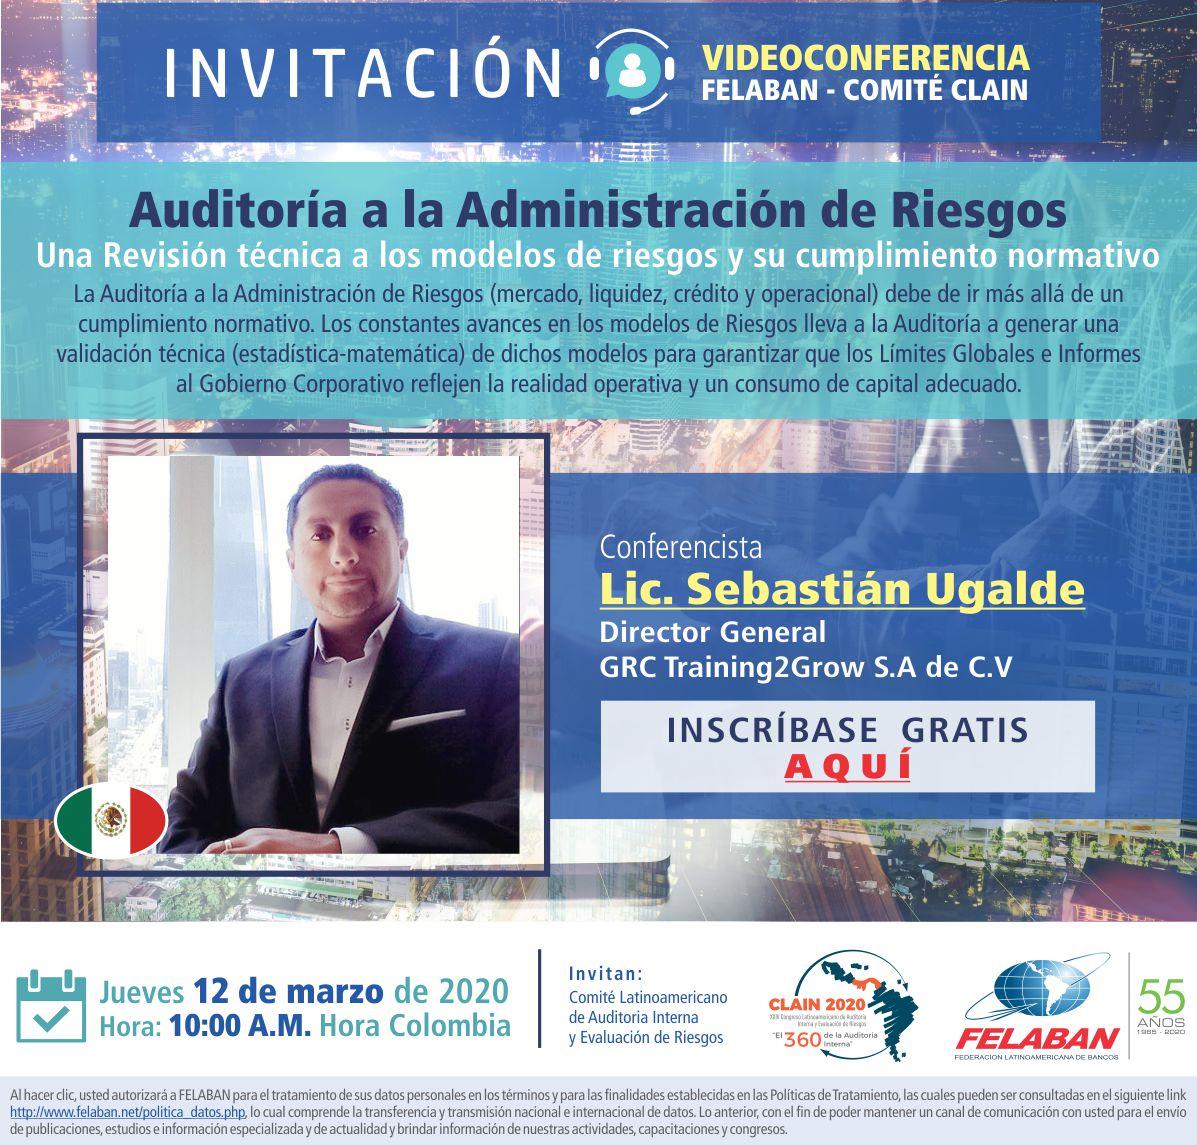 AUDITORÍA A LA ADMINISTRACIÓN INTEGRAL DE RIESGOS, Una revisión técnica a los Modelos de Riesgo y su Cumplimiento Normativo